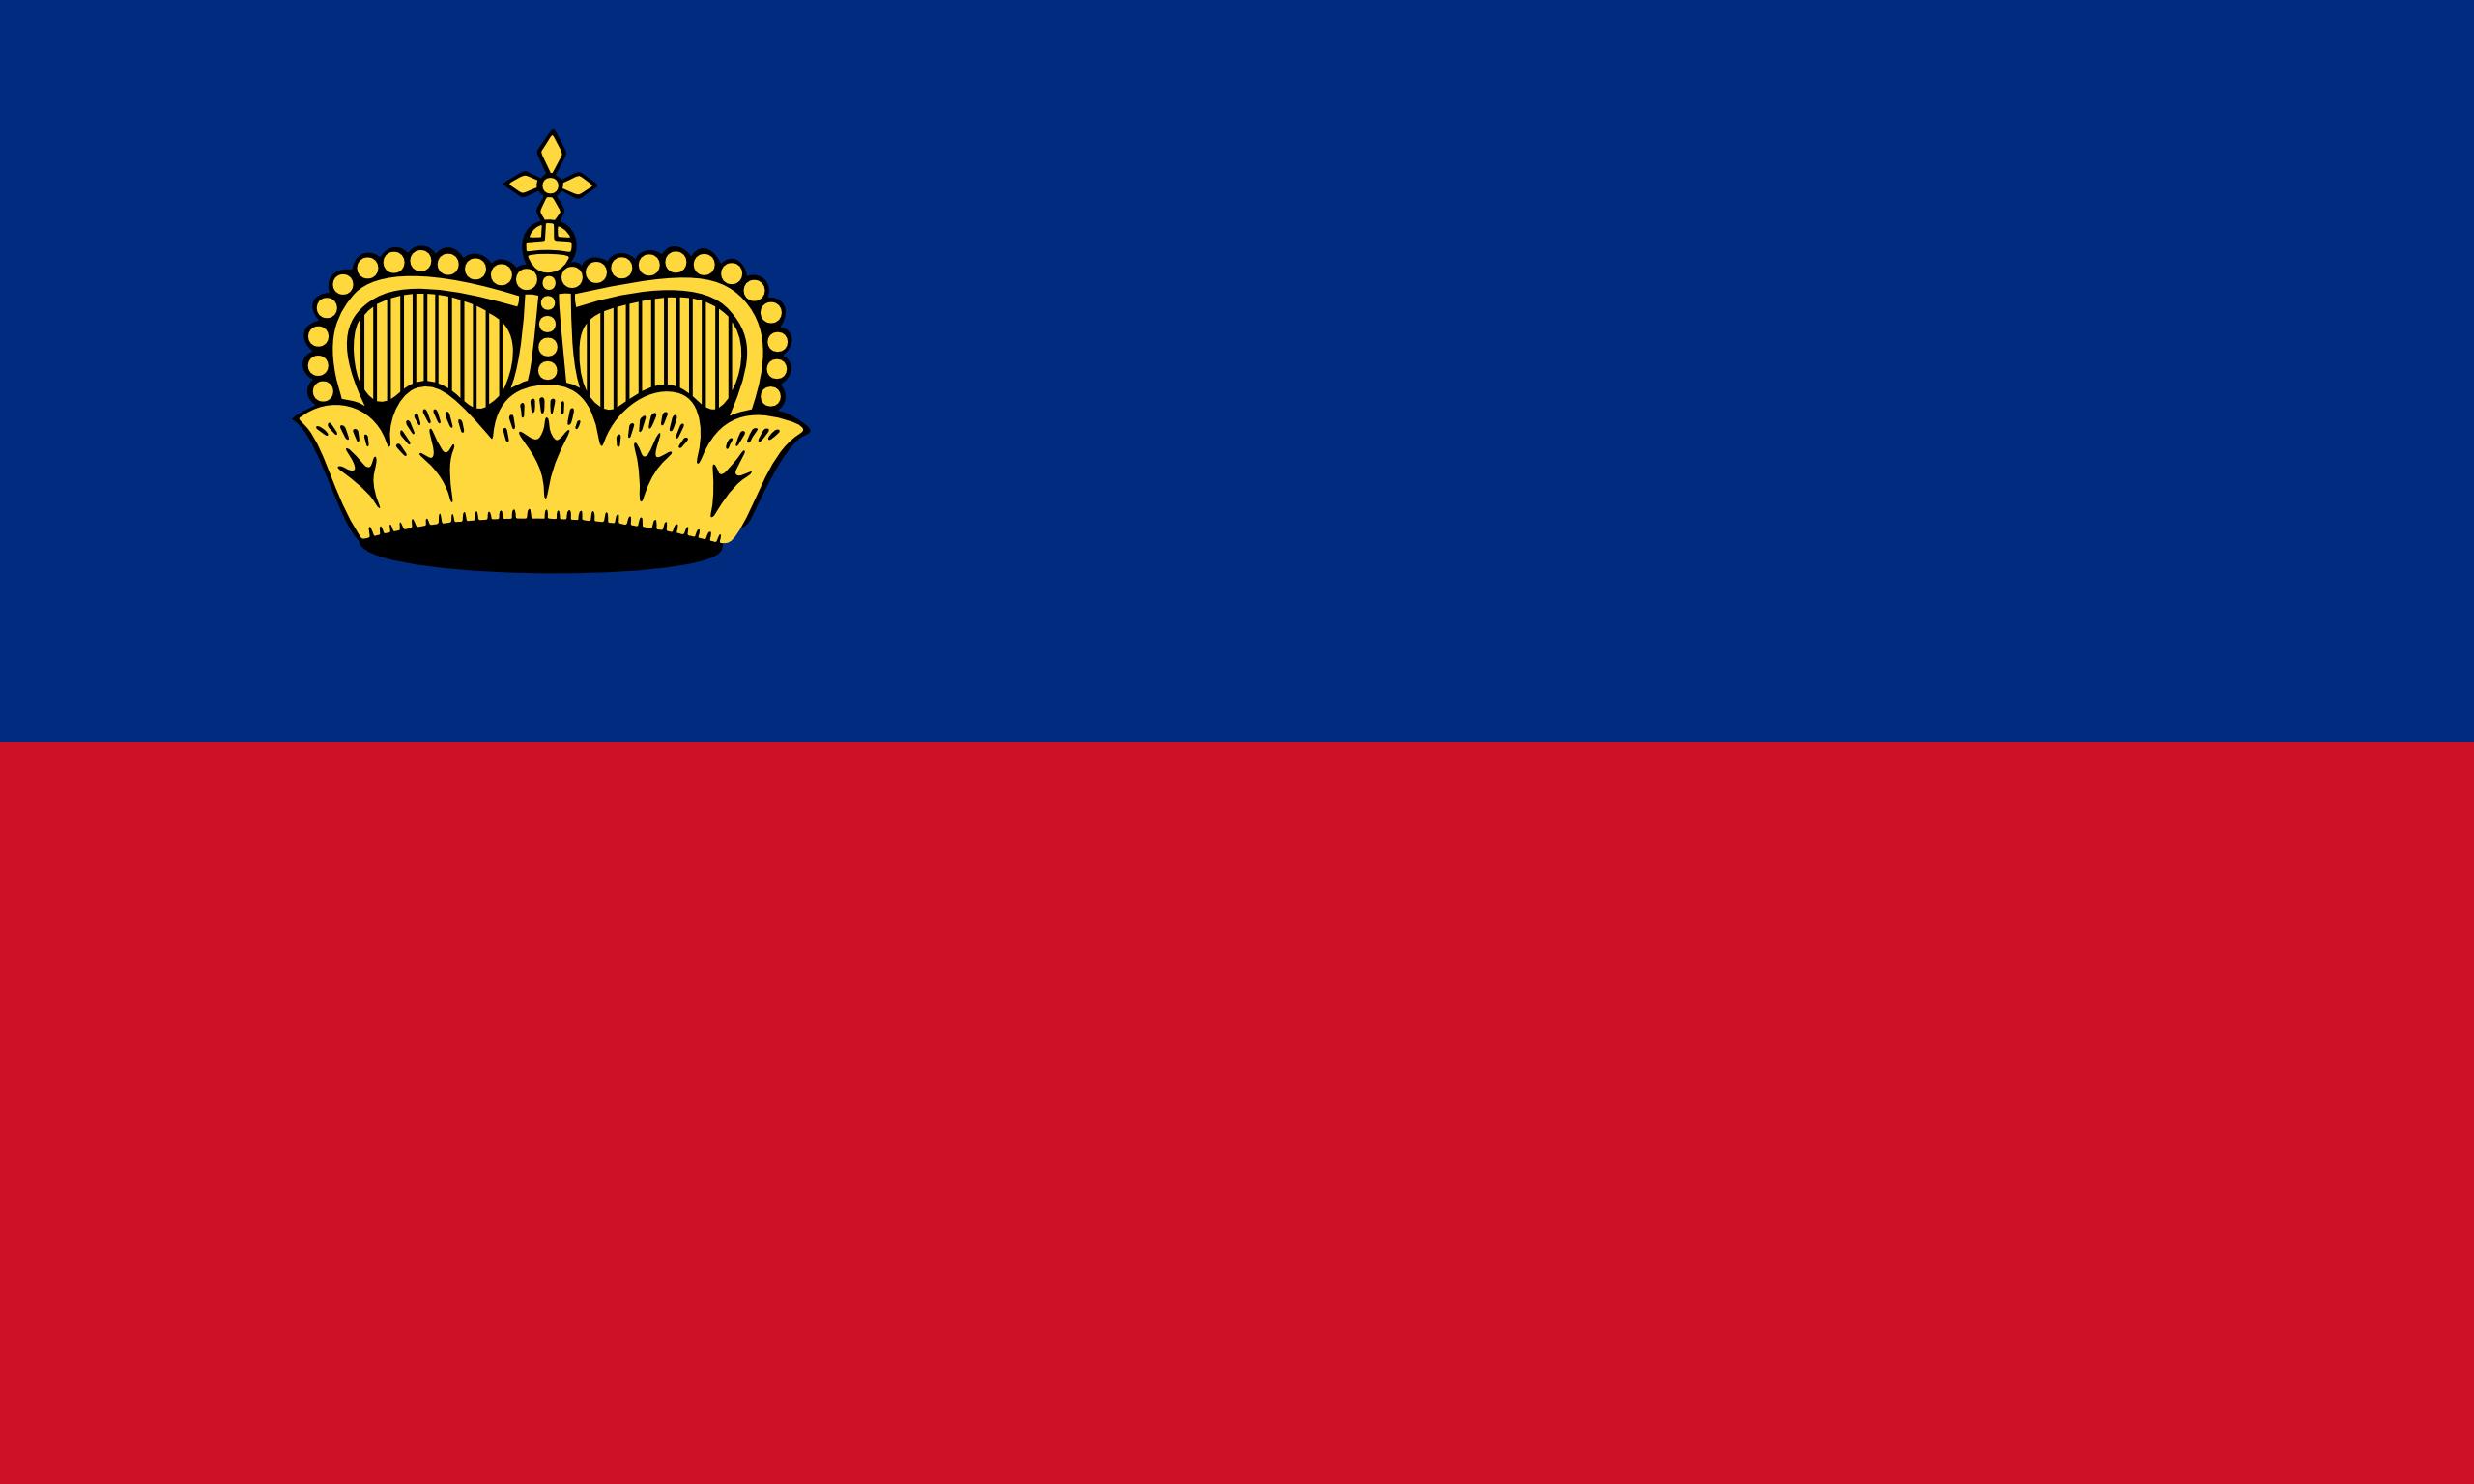 Liechtenstein, Land, Emblem, Logo, Symbol - Wallpaper HD - Prof.-falken.com